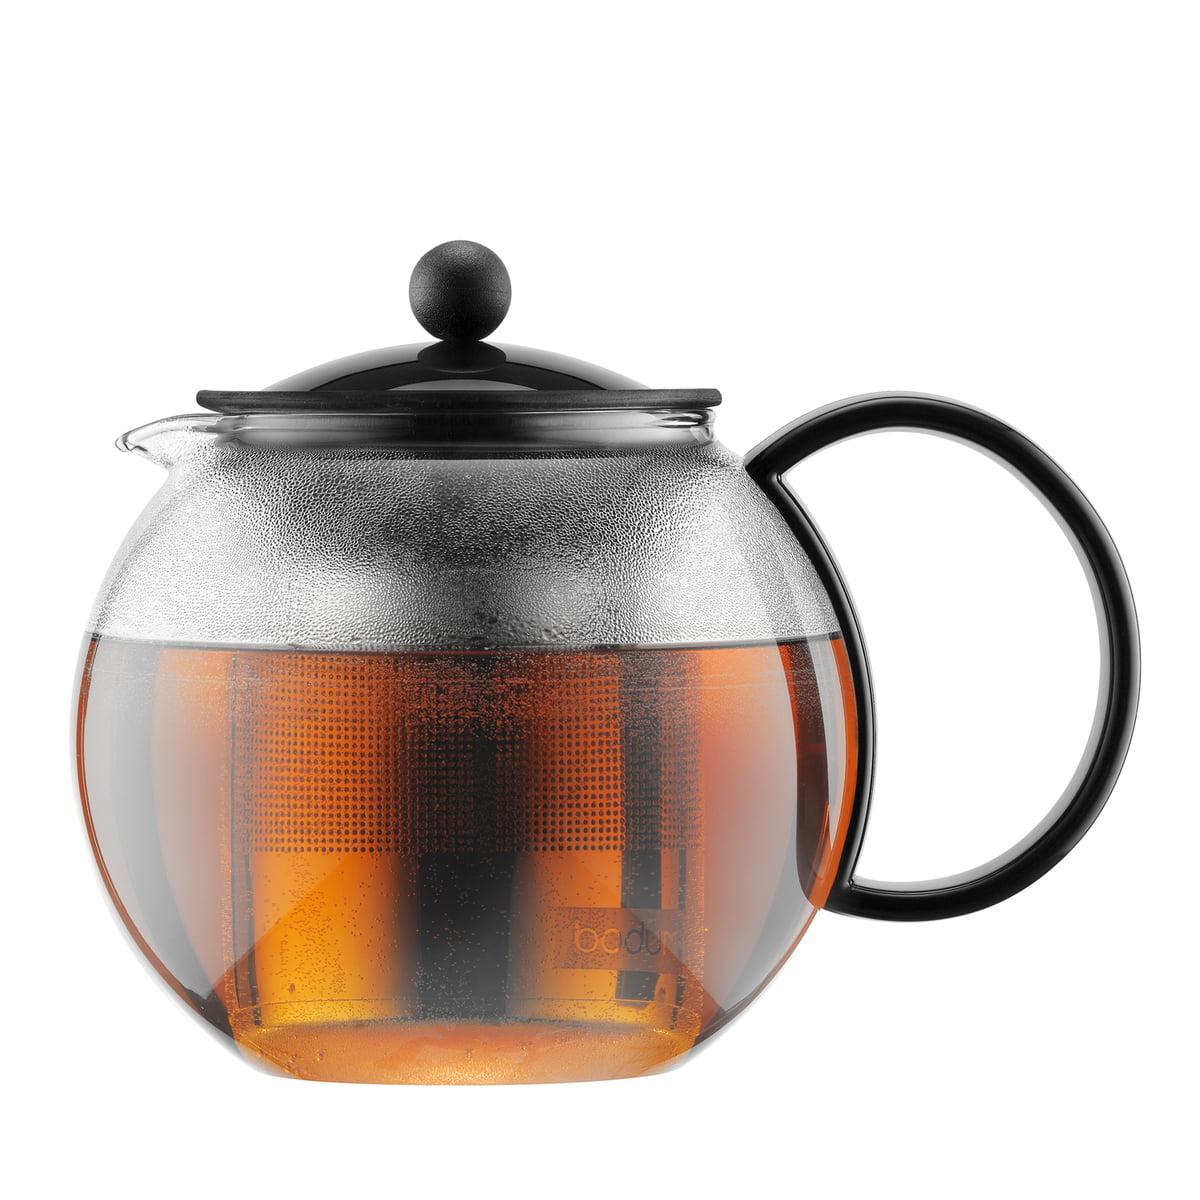 Bodum - Assam Teebereiter, 1,0 Liter, schwarz   Küche und Esszimmer > Kaffee und Tee   Schwarz   Edelstahl -  glas -  kunststoff   Bodum